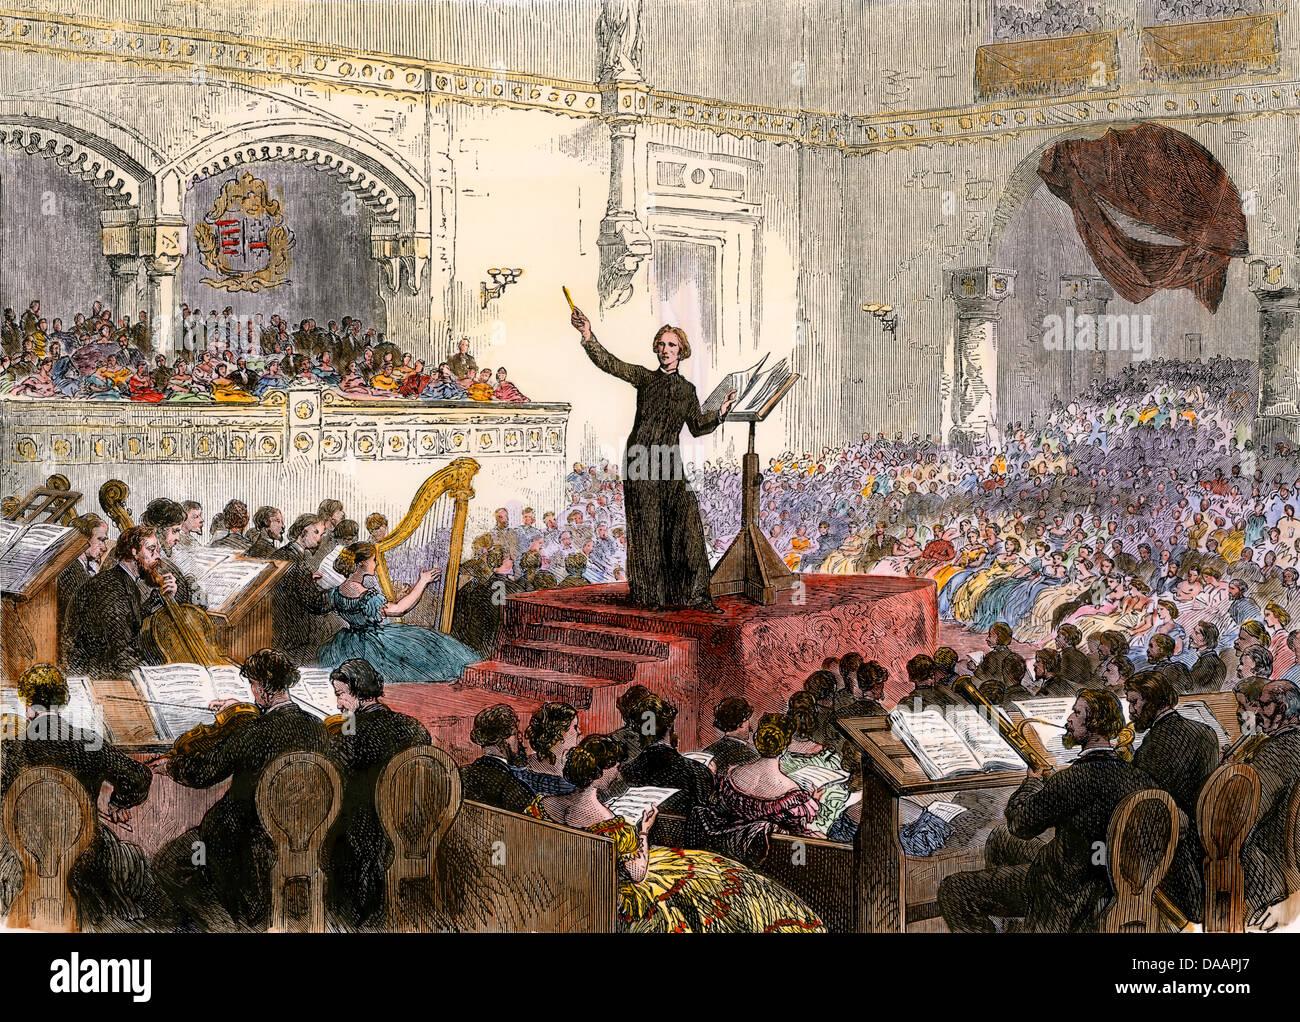 Franz Liszt l'Oratorio nouveau à Budapest, Hongrie, 1860. À la main, gravure sur bois Banque D'Images